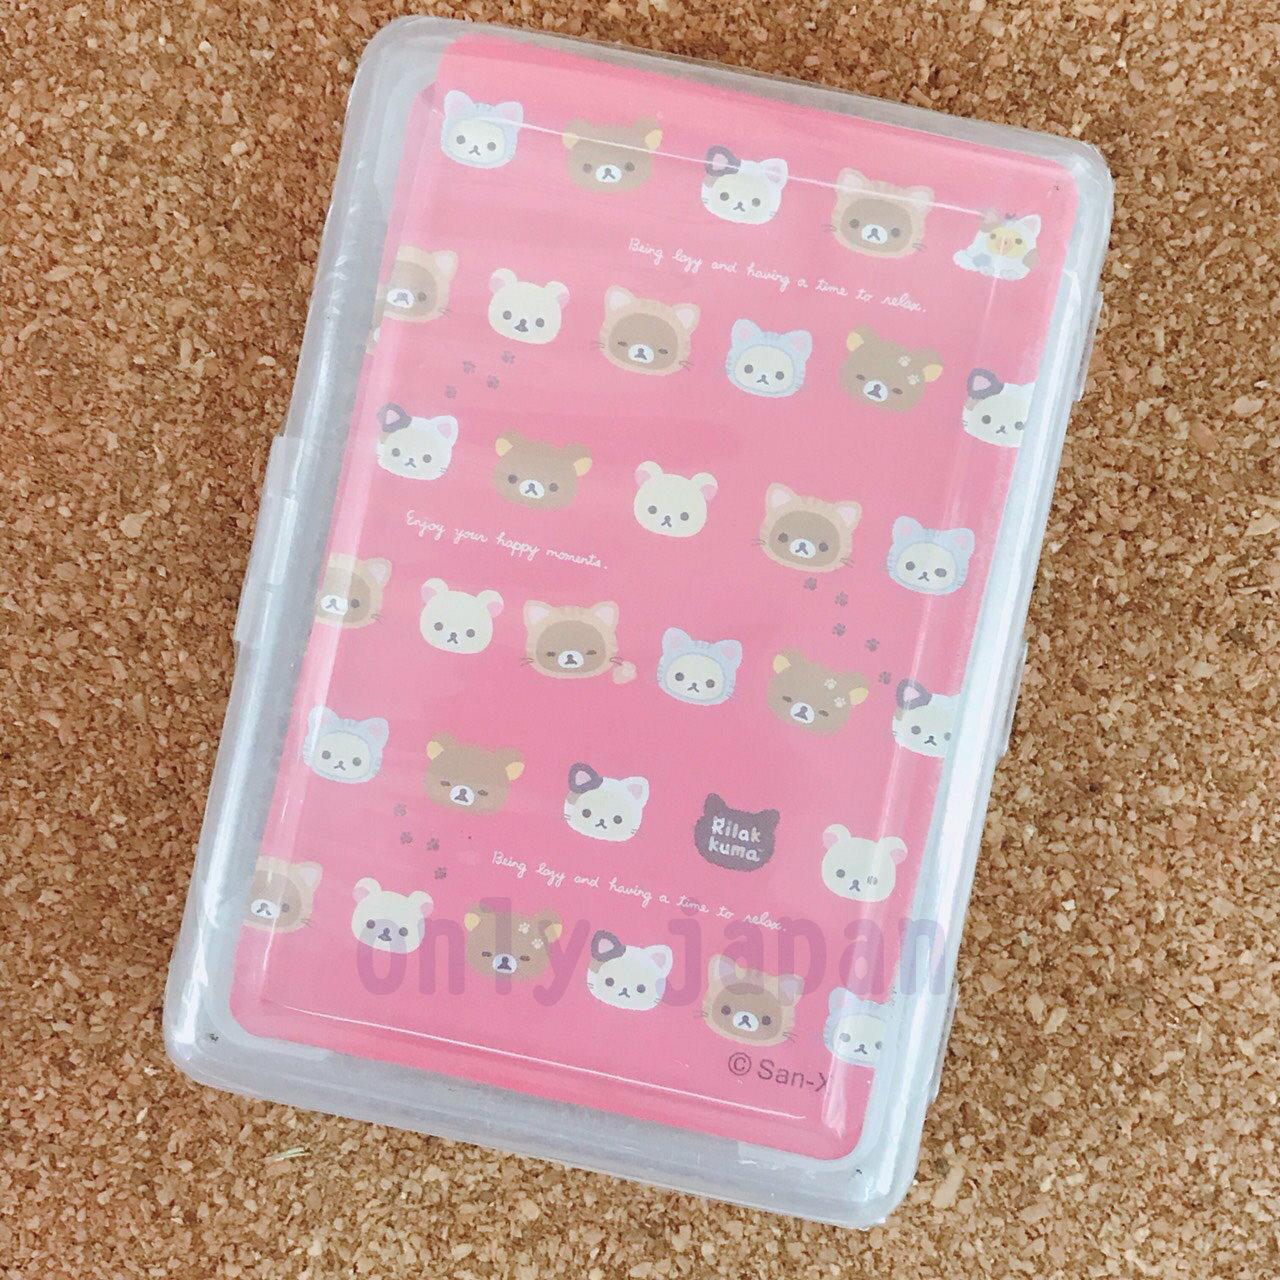 【真愛日本】18060700001 樸克牌-拉拉熊貓咪 san-x 拉拉熊 變裝貓咪 撲克牌 紙牌 桌遊 益智遊戲